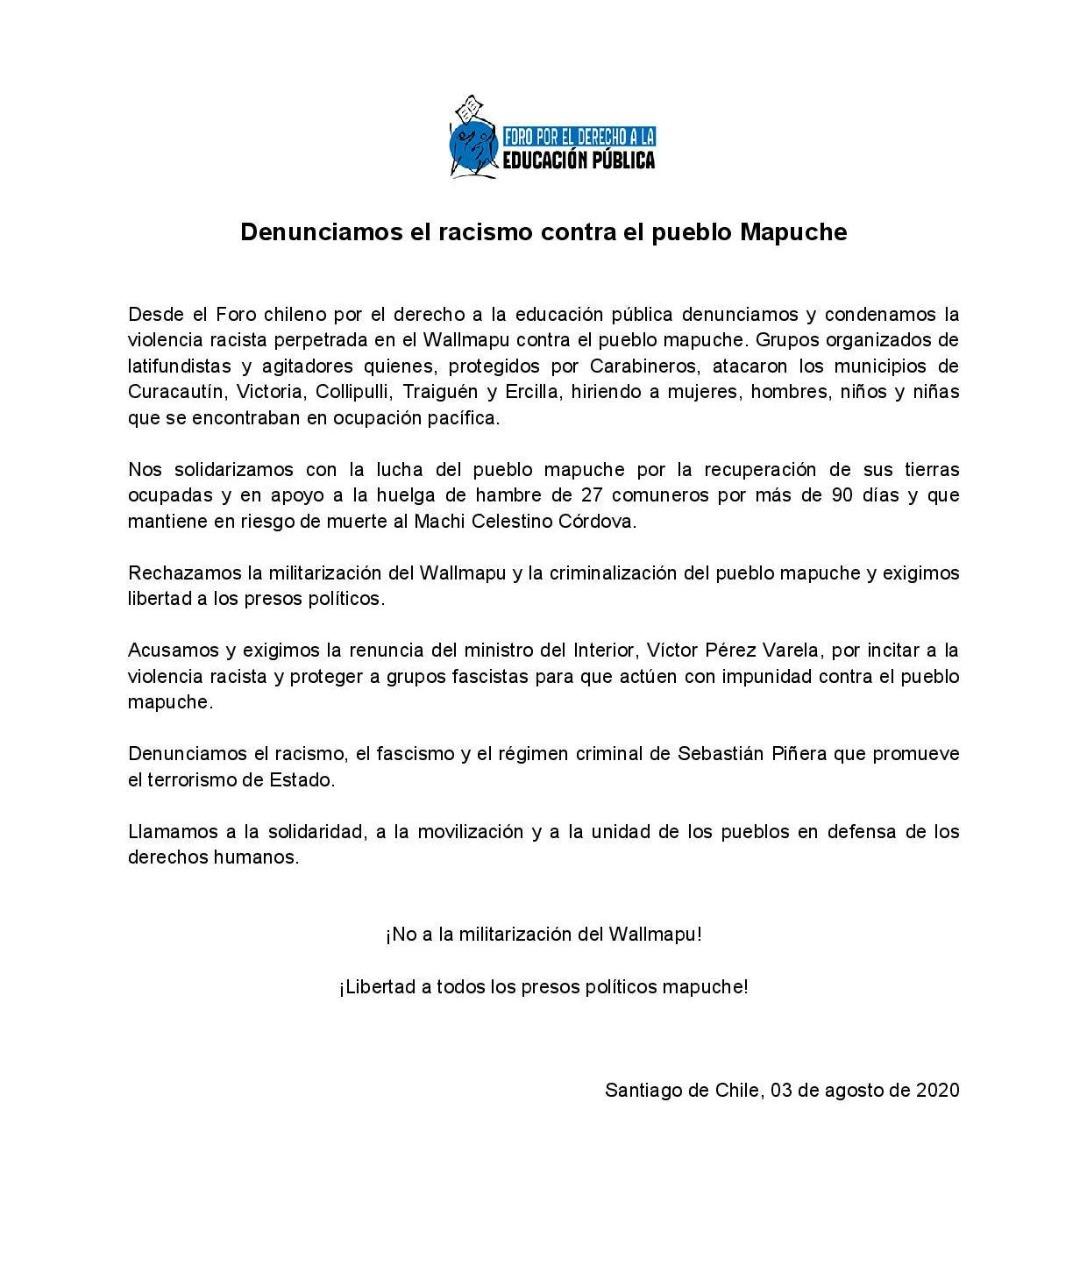 """Declaración FODEP """"Denunciamos el racismo contra el pueblo Mapuche!, 3 de agosto, 2020"""